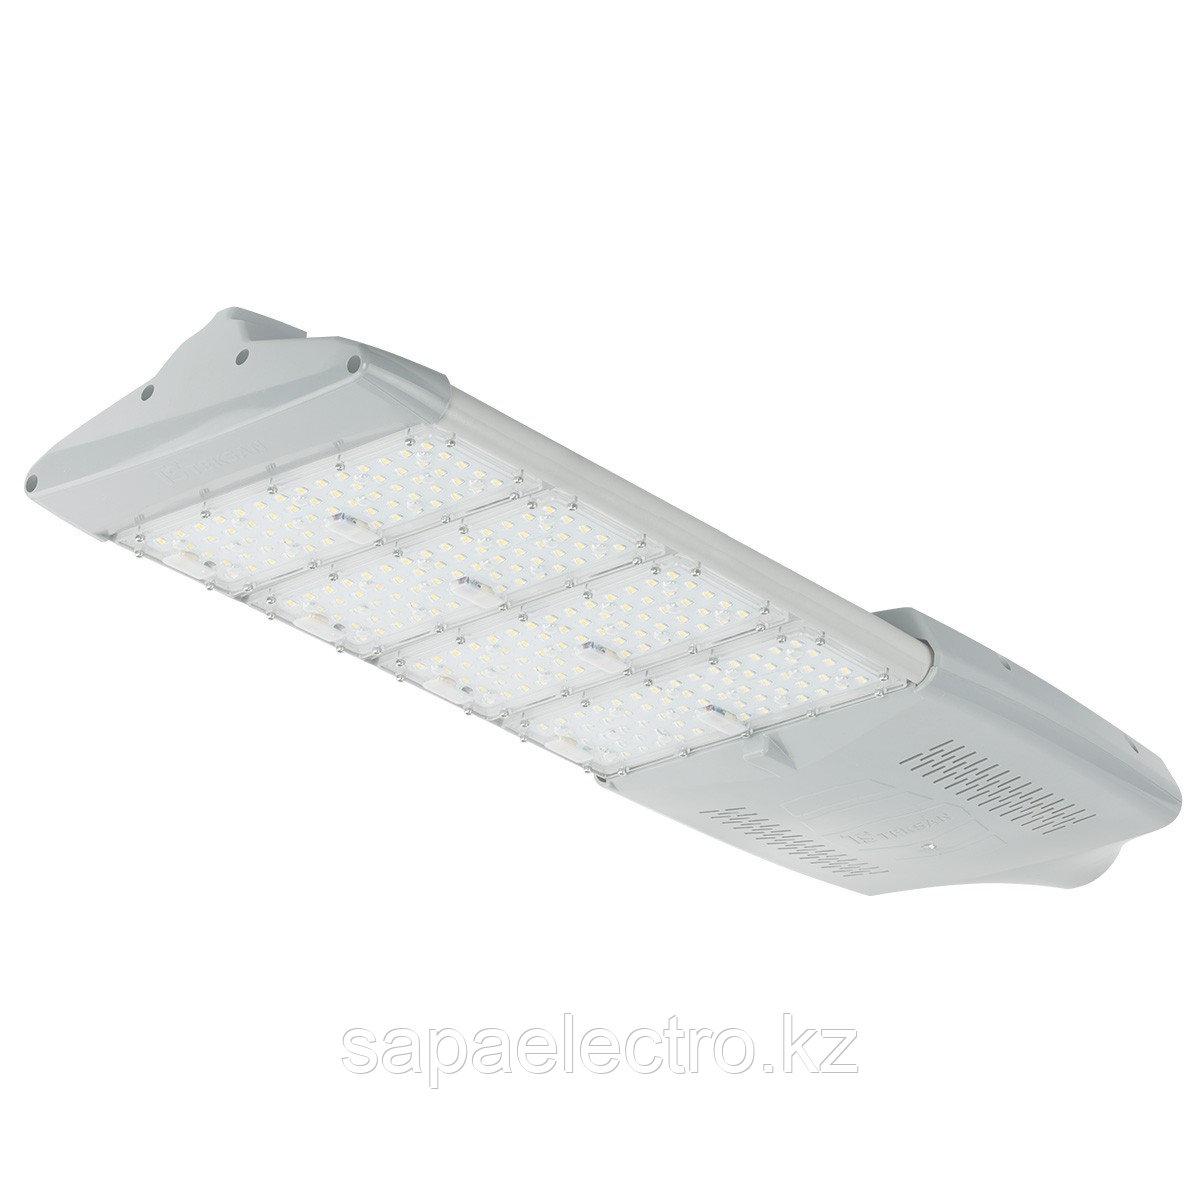 Свет-к RKU LED SMART 4*50W с гербоксом (3 года гара